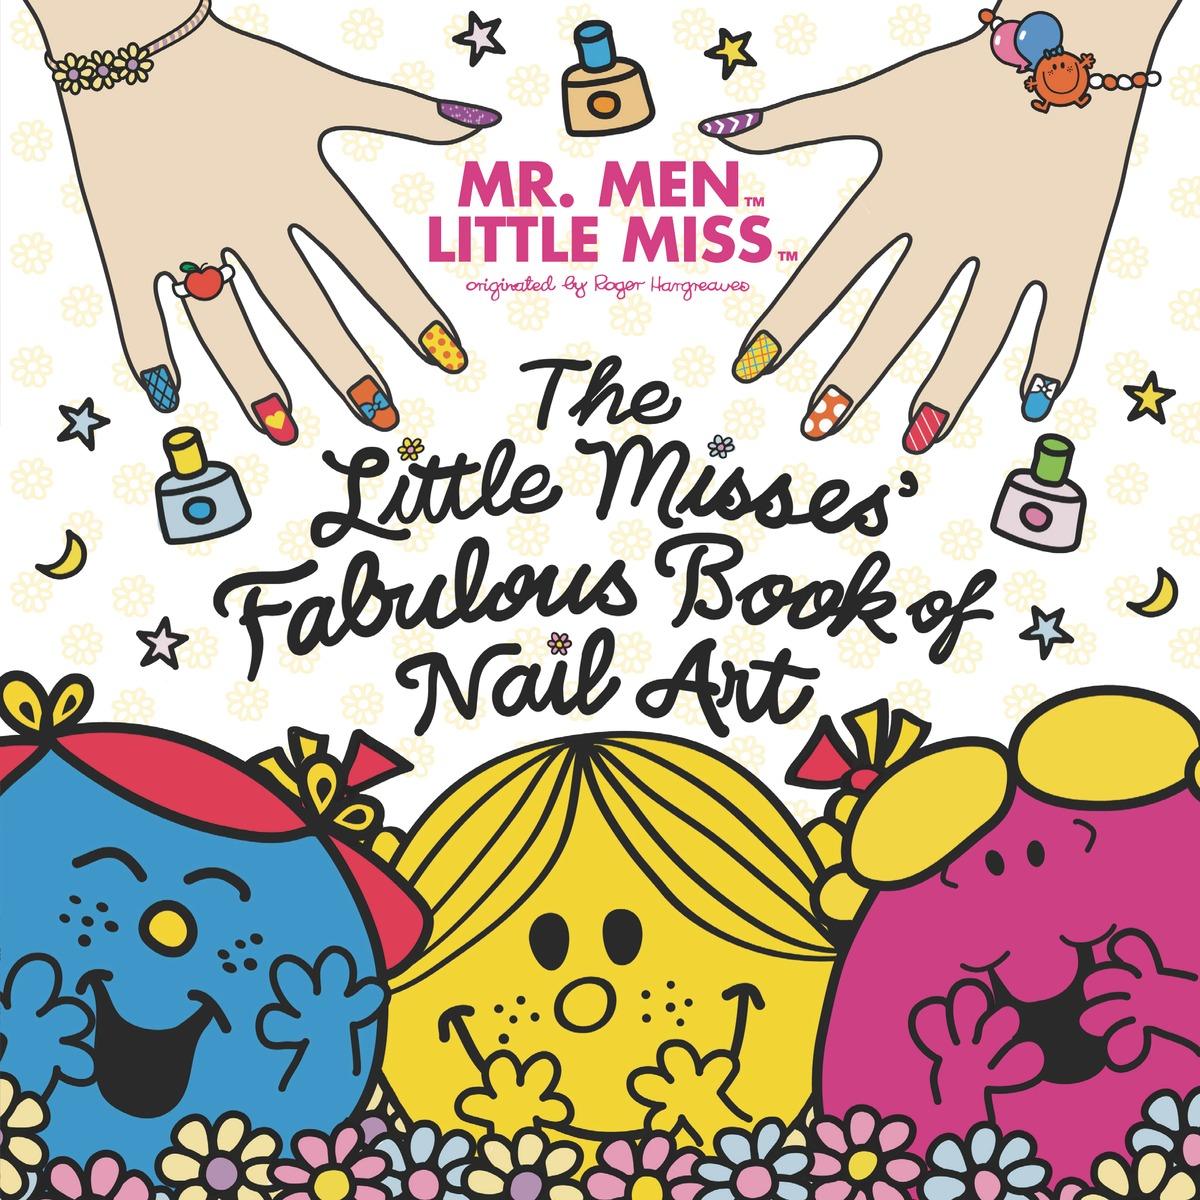 LITTLE MISSES' FABULOUS BOOK